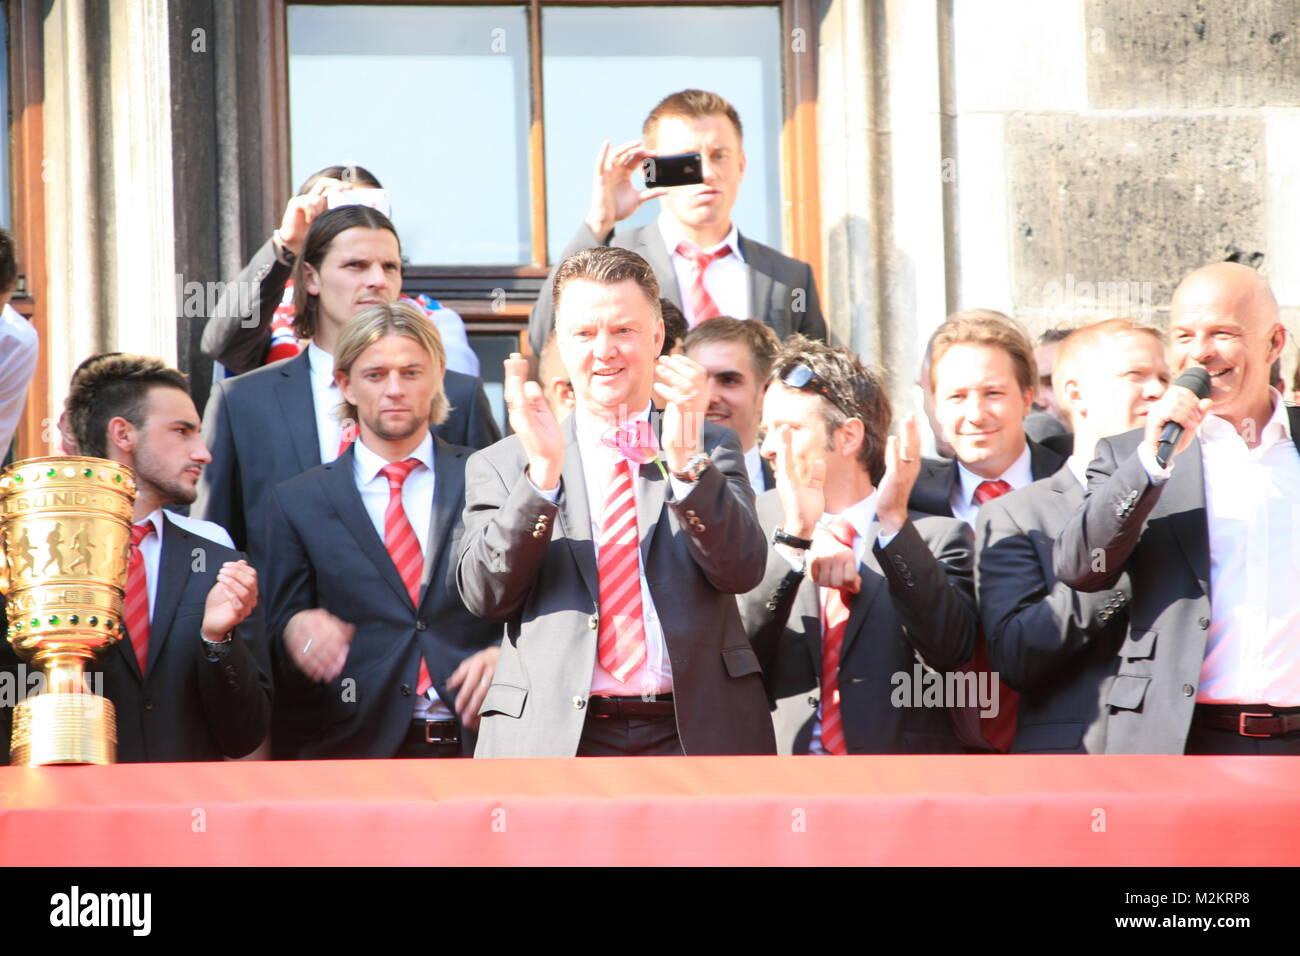 Empfang für den Chimpionsleague Finalisten auf dem Marienplatz im Rathaus München Immagini Stock